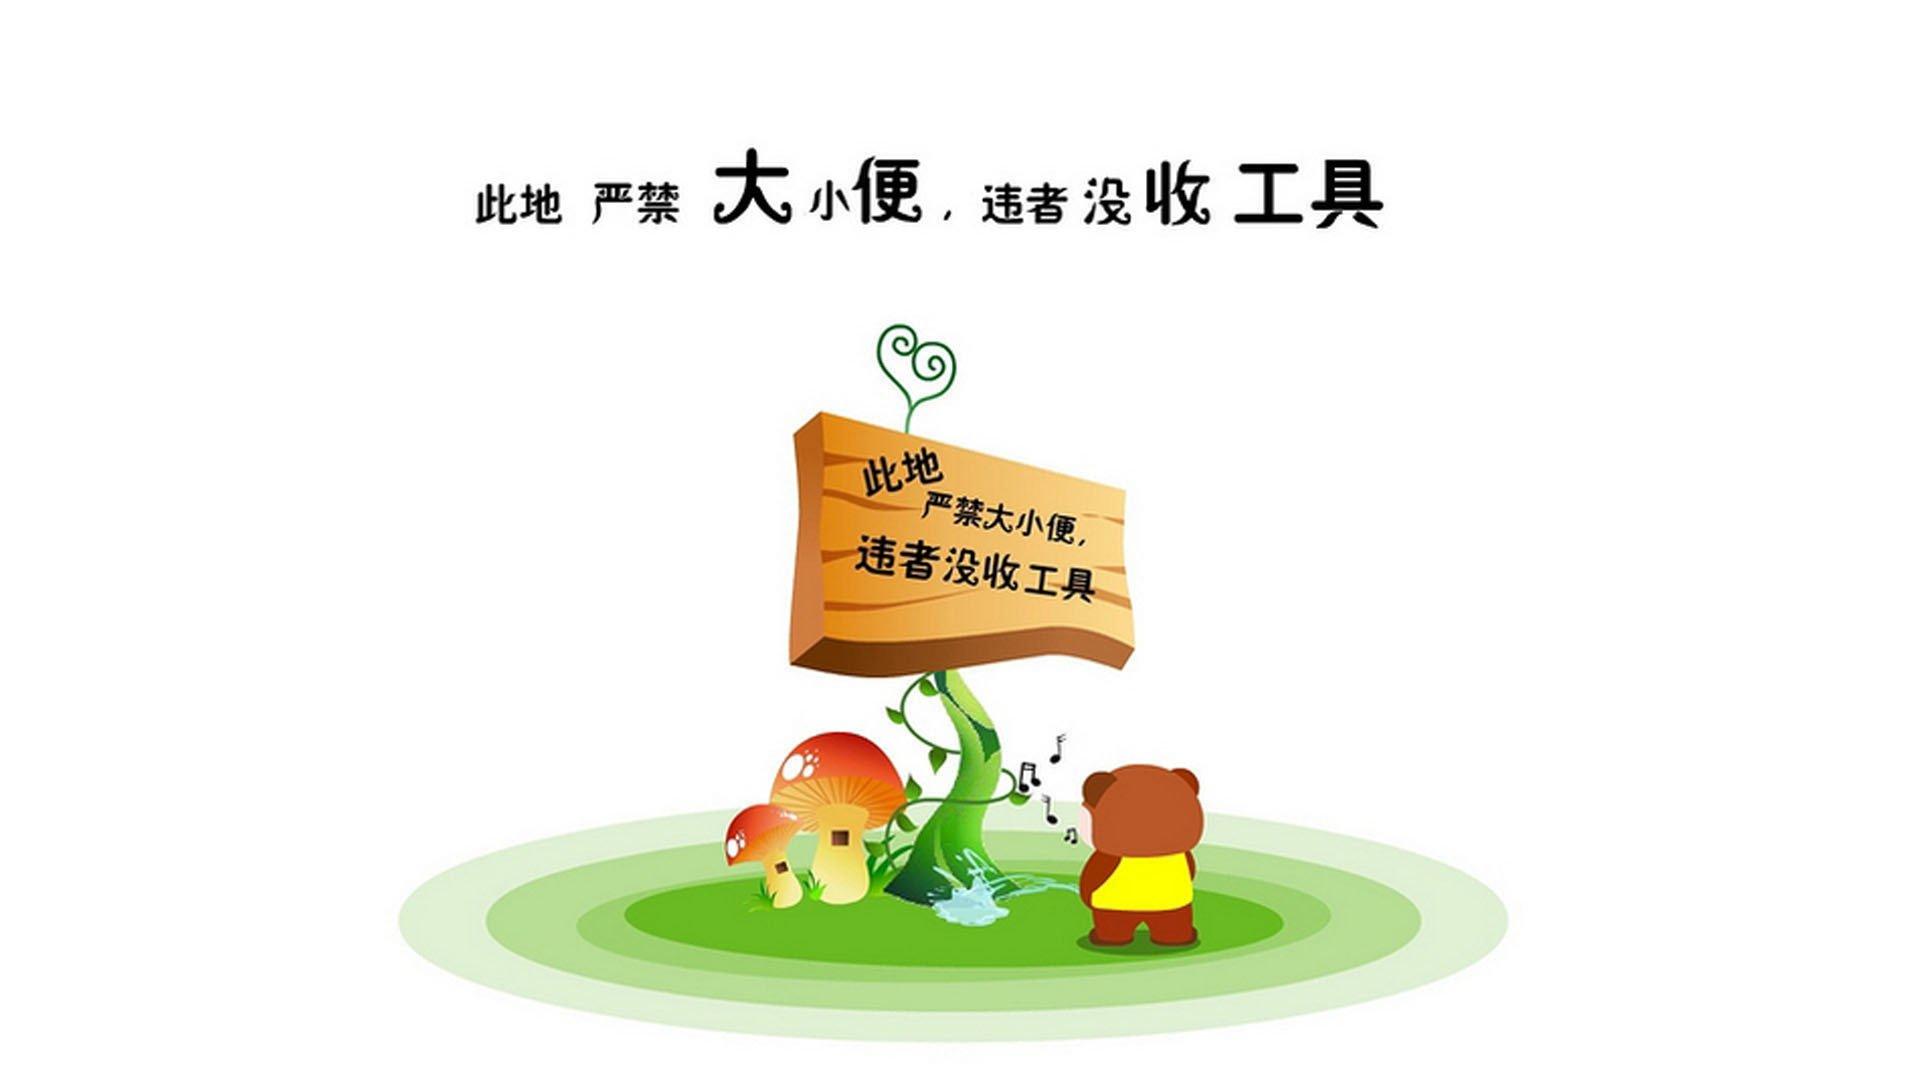 深圳做网站比较好的公司(佛山做网站便宜)